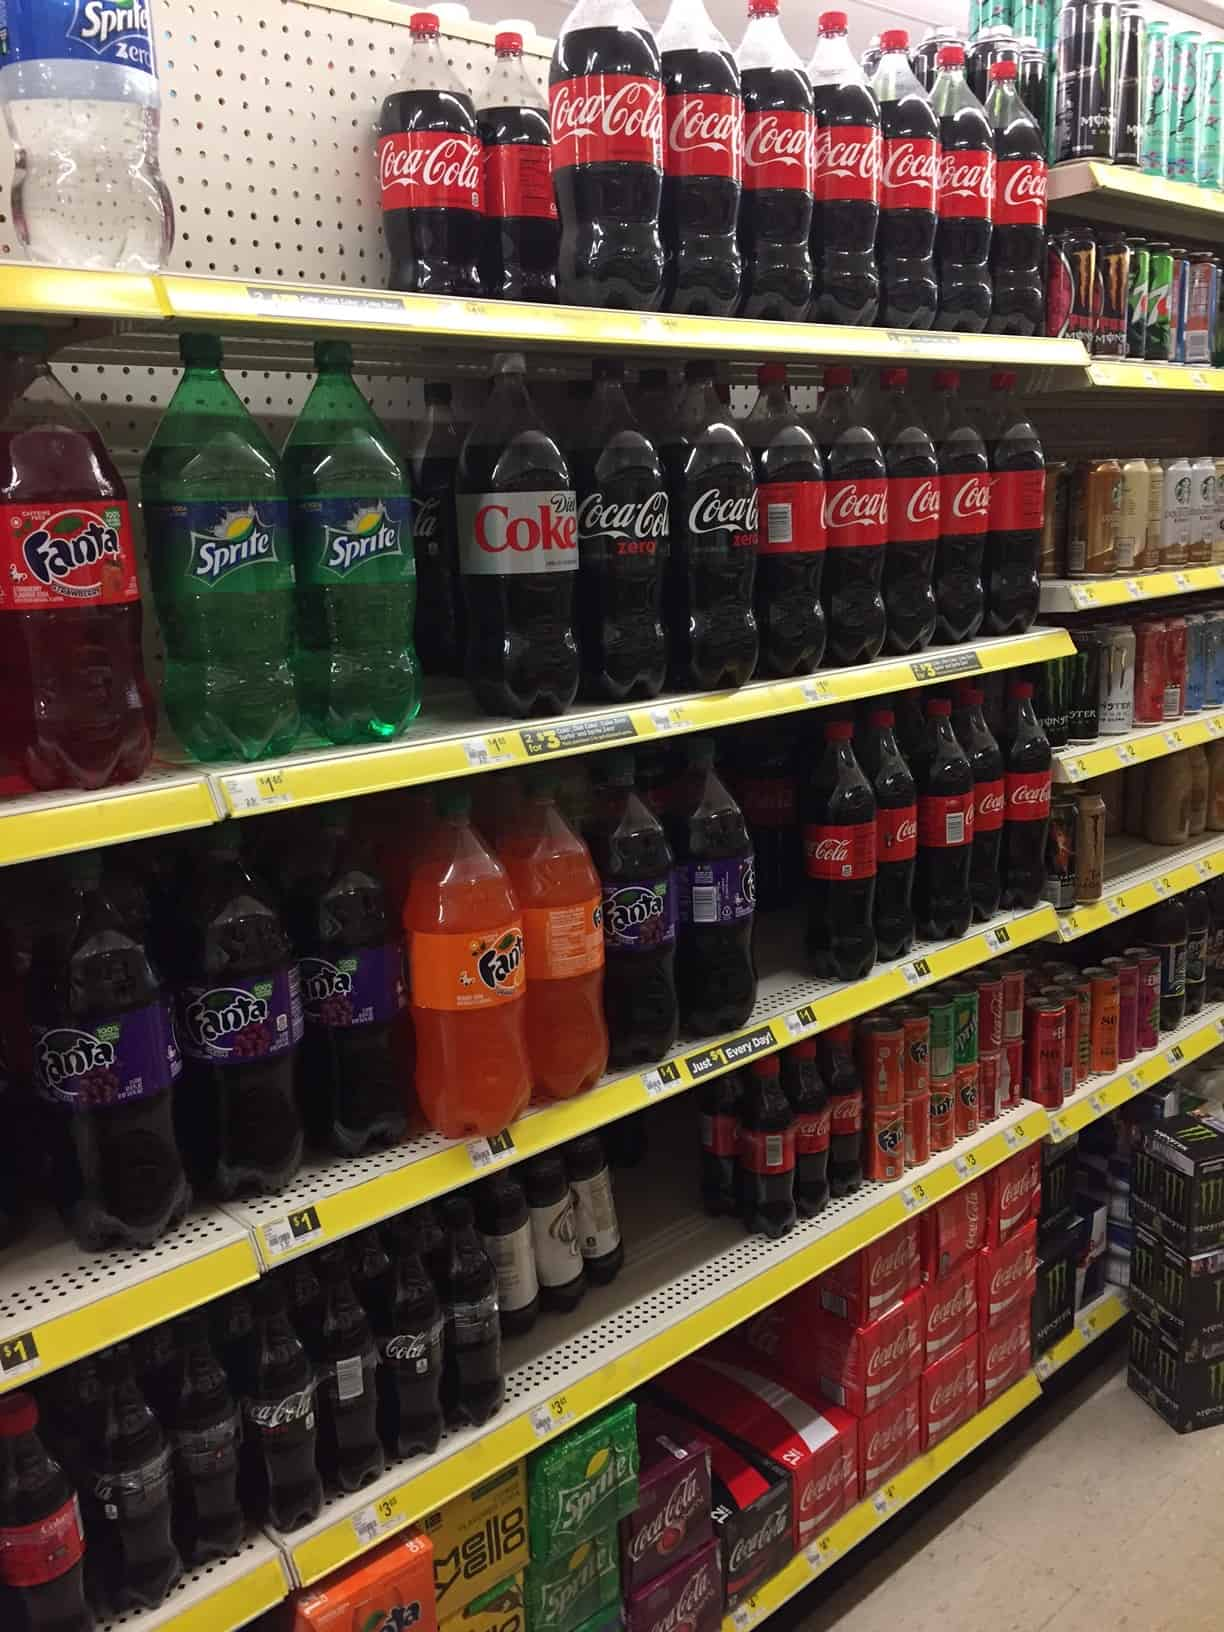 dg soda aisle